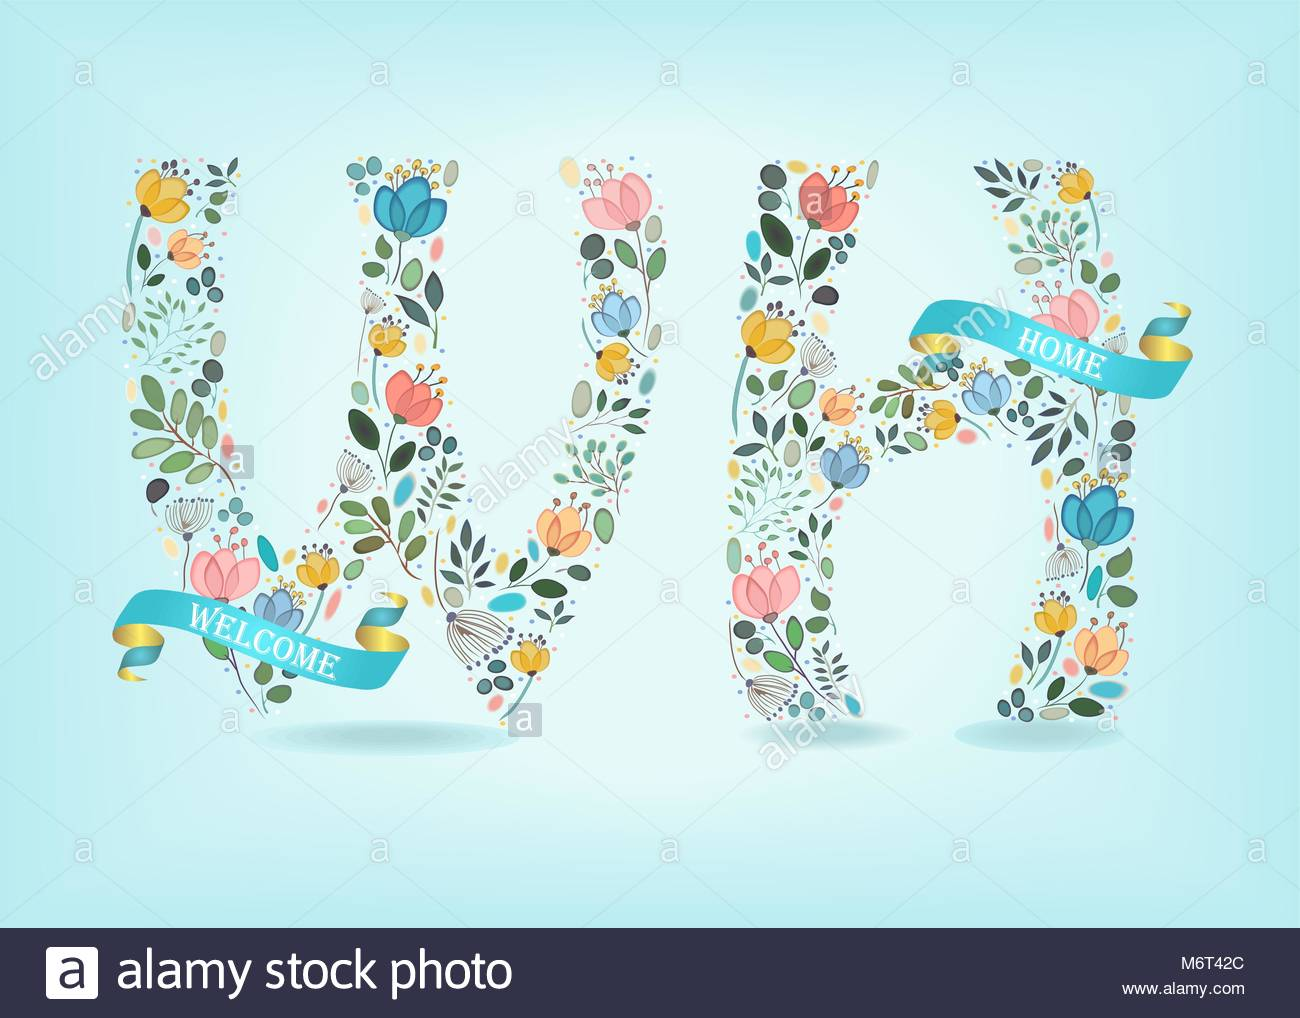 Bienvenido A Casa Notas Florales W Y H Acuarela Graciles Flores Y